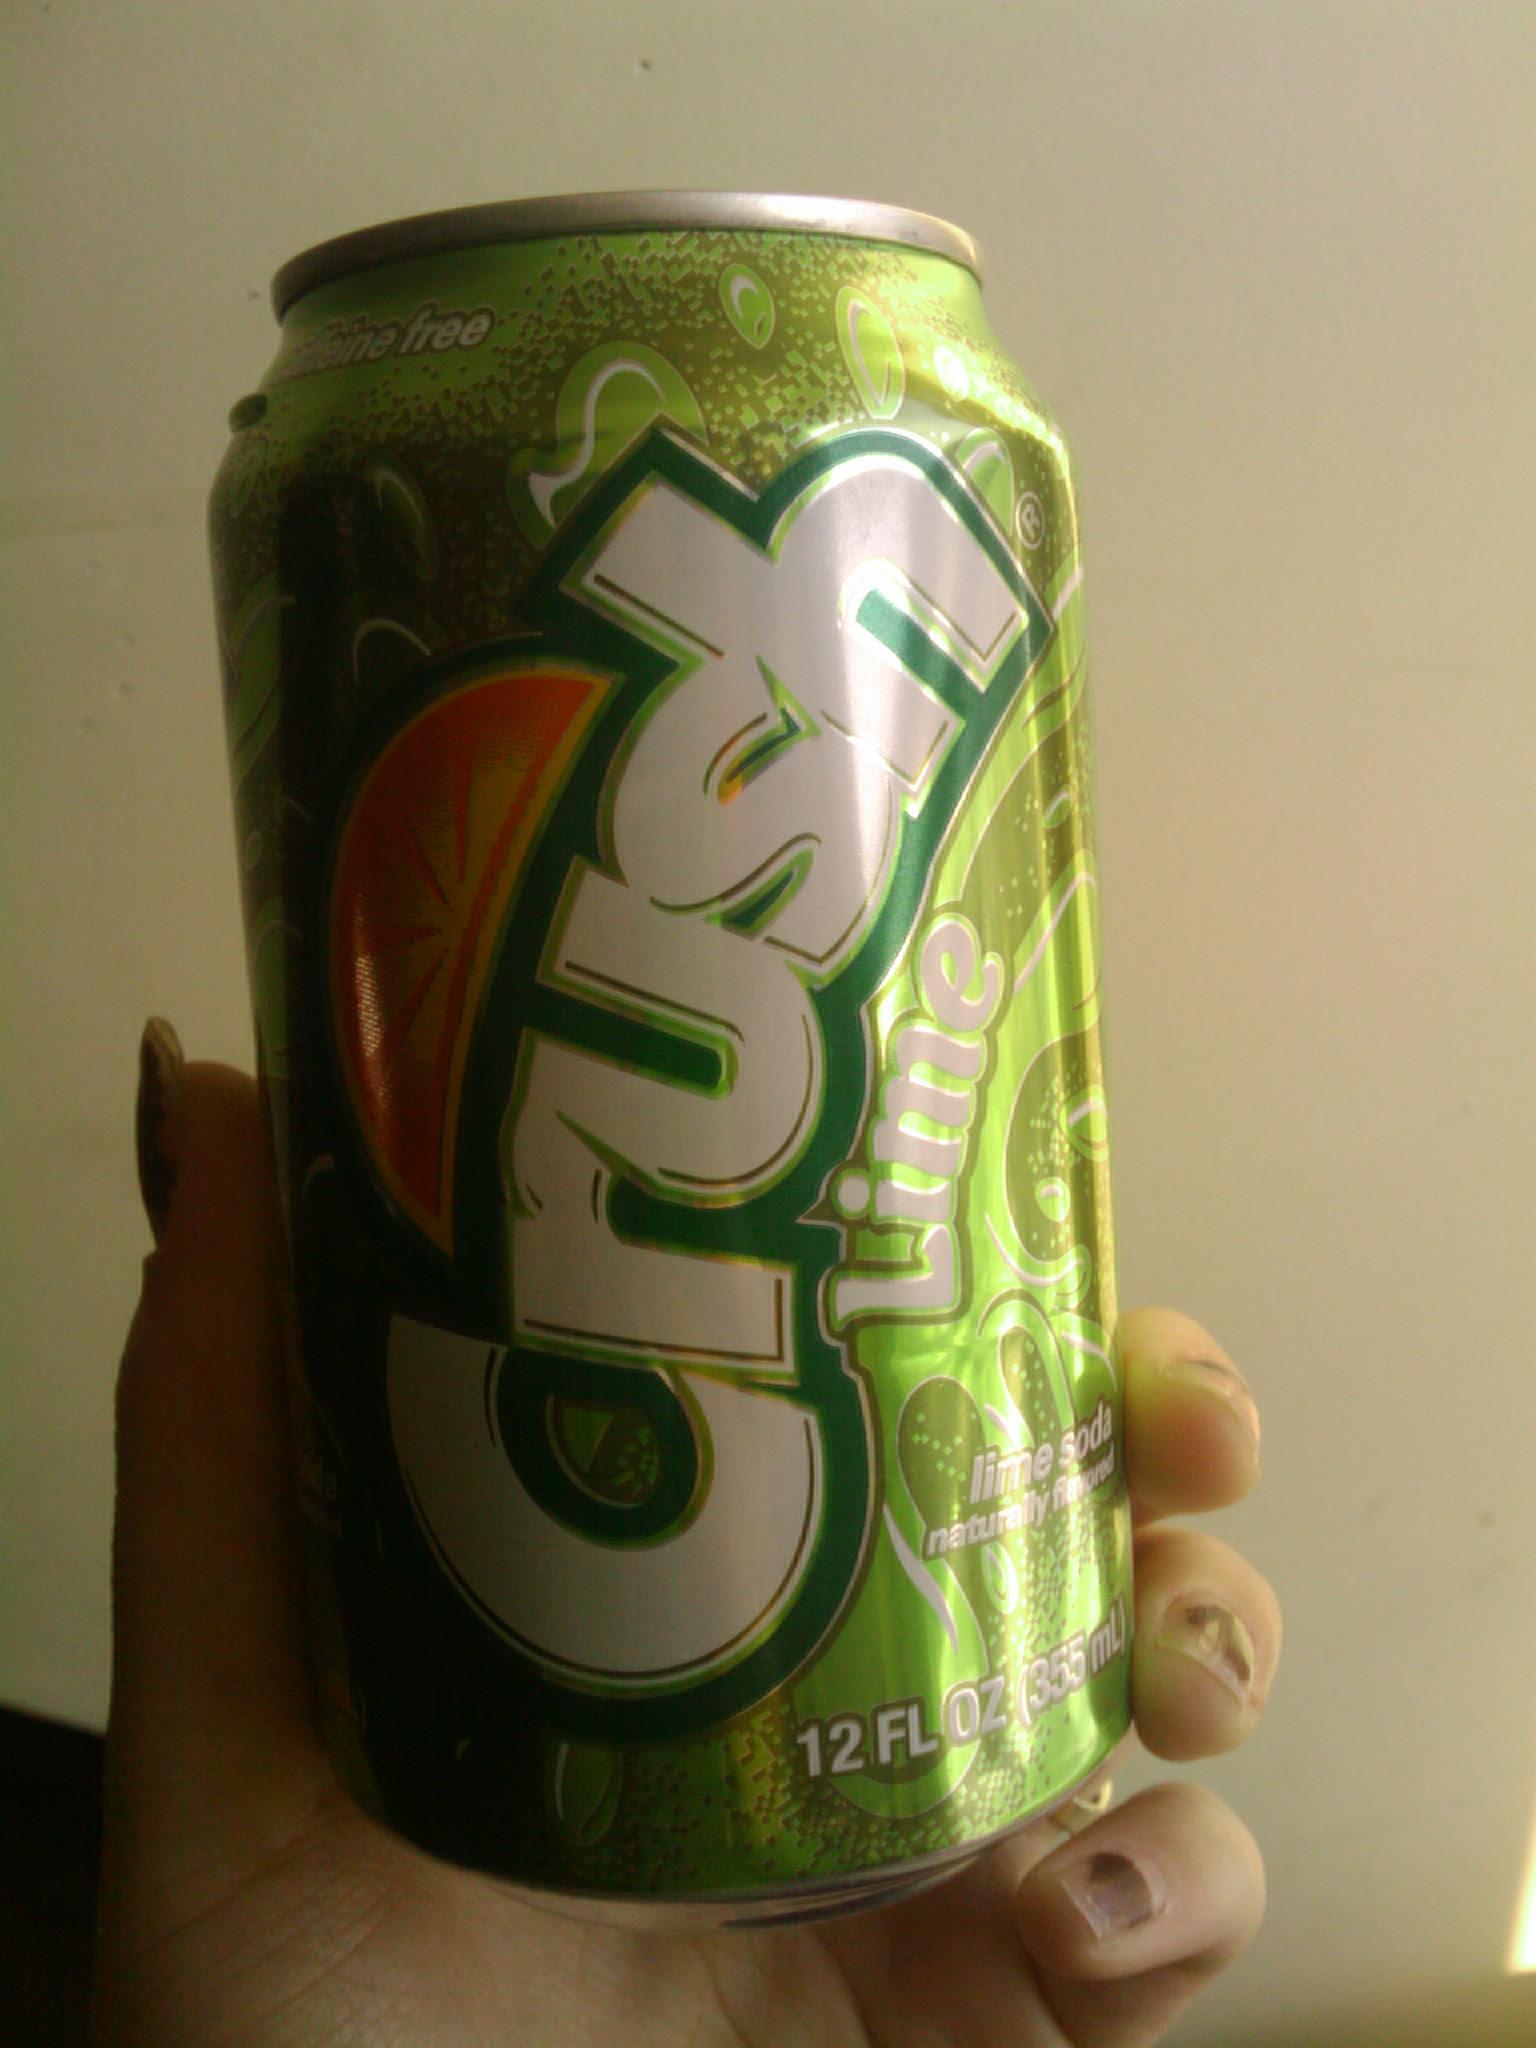 1St Ward :: lime soda